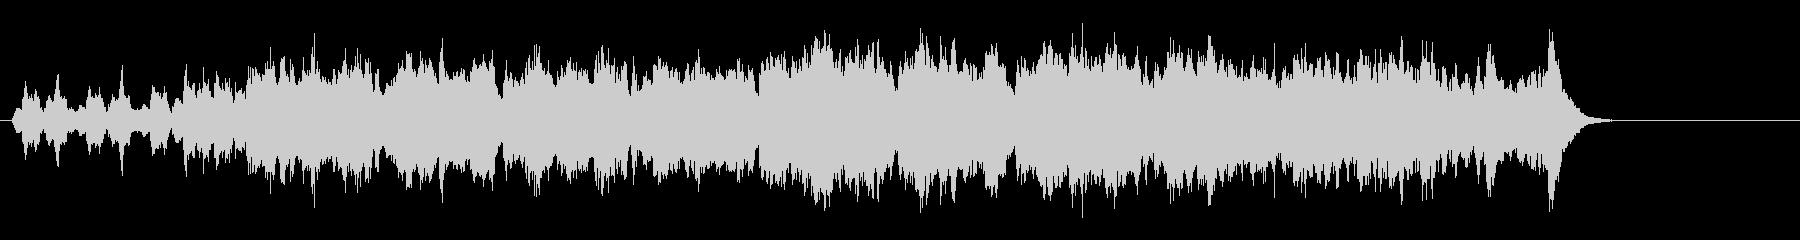 不思議なイメージのあるヨーロピアン調の未再生の波形